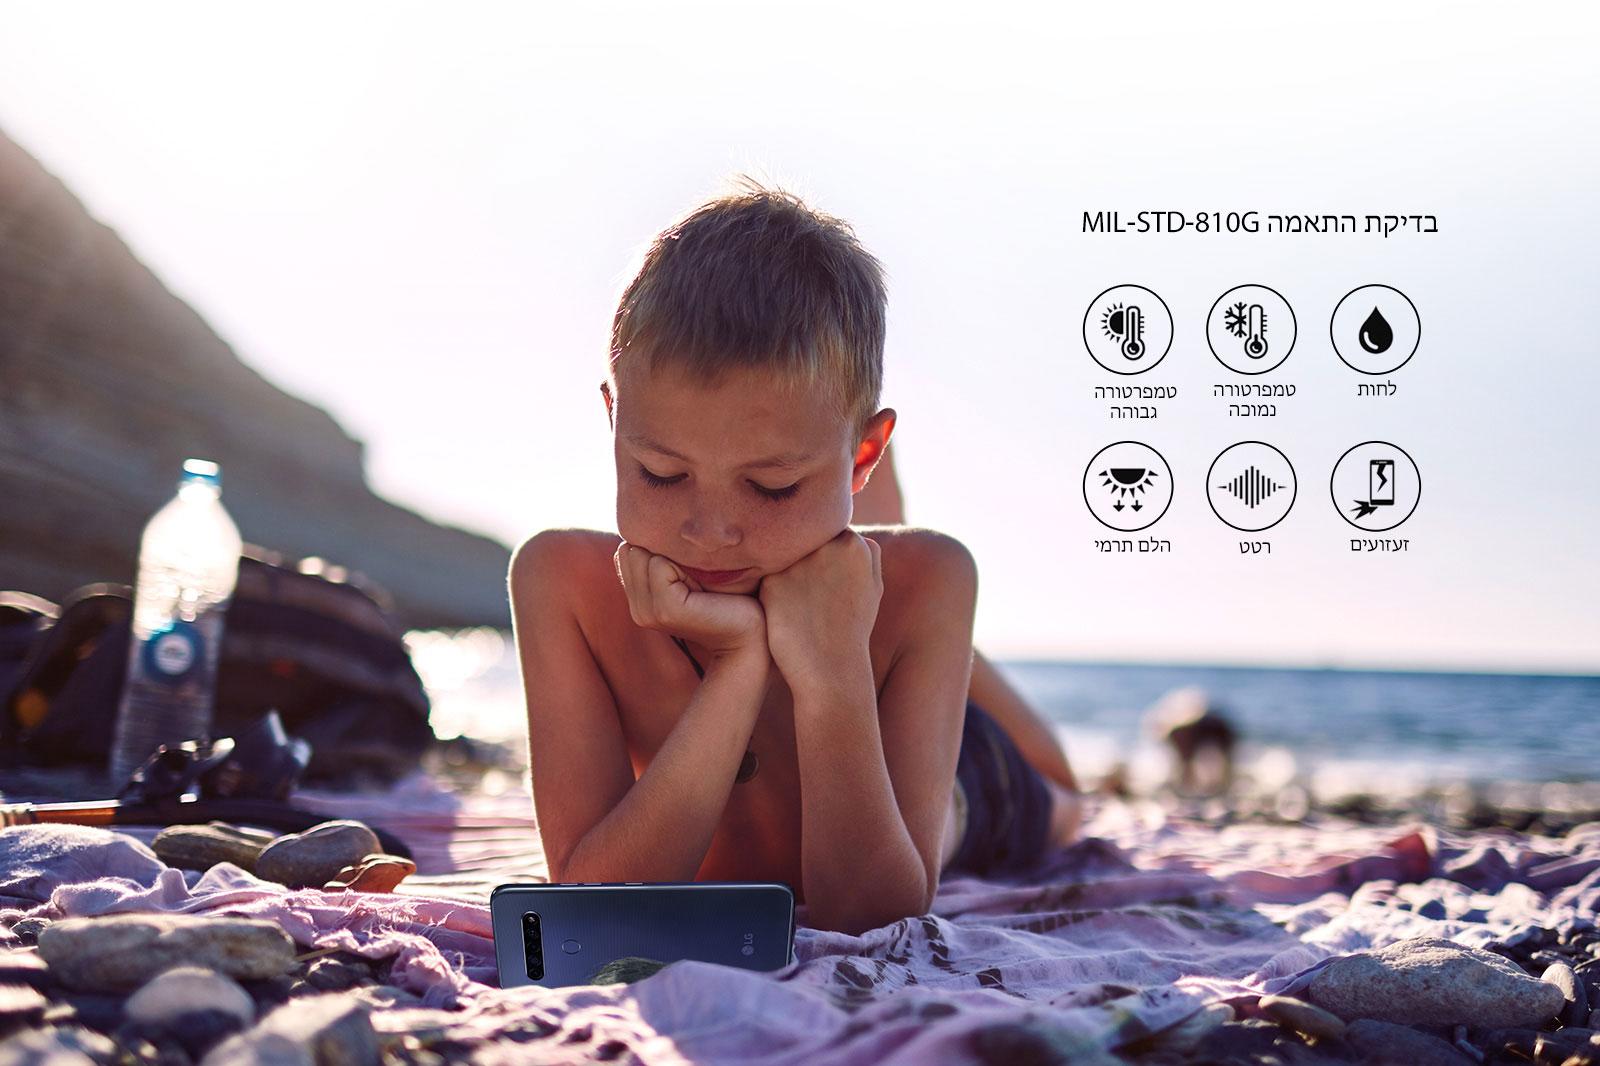 ילד שוכב בחוף הים וצופה בסרט בטלפון חכם